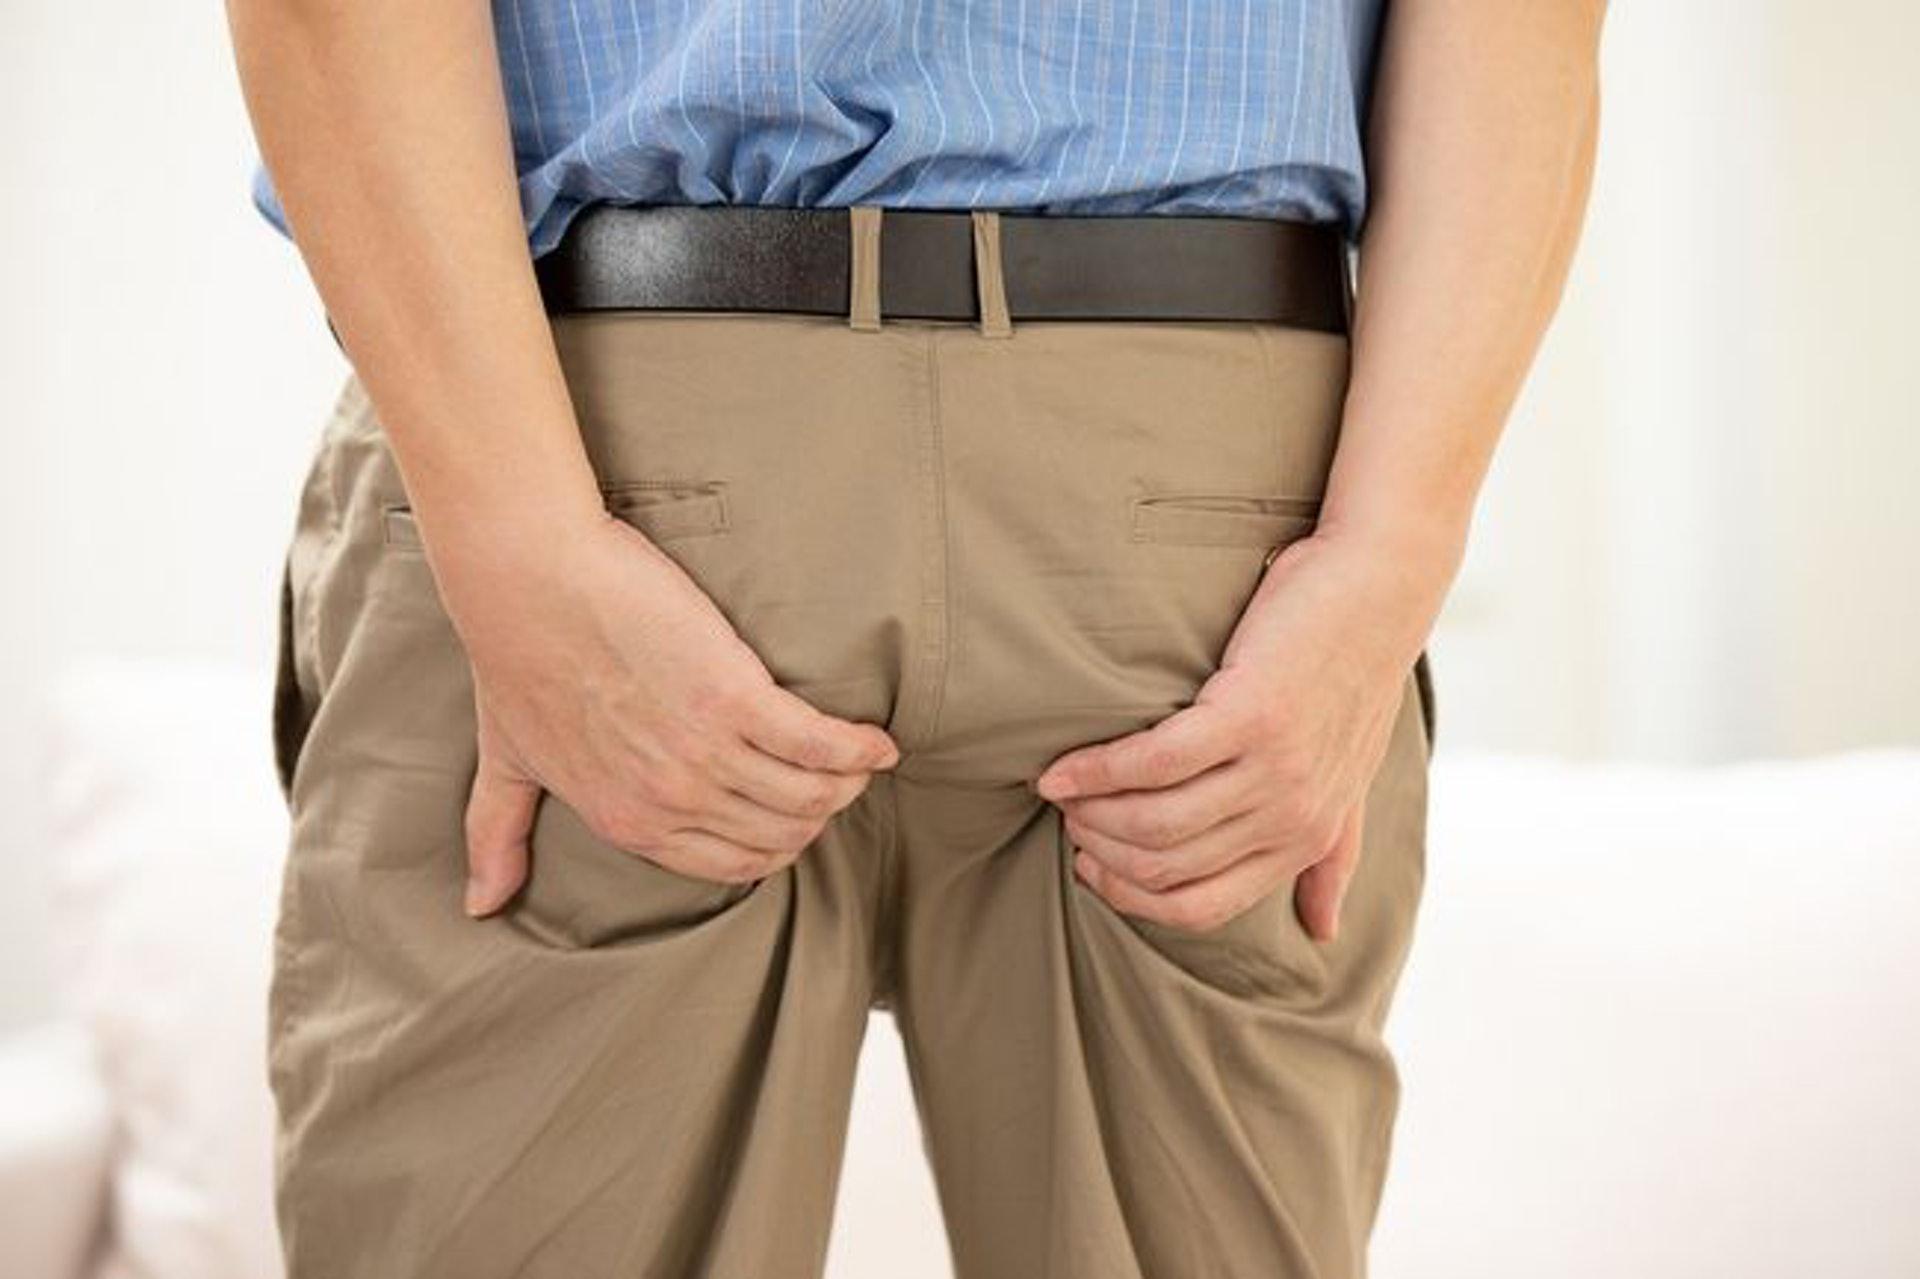 透過注意日常生活習慣是可以減低肛門瘻管的風險,例如注重飲食均勻、注意個人衛生。(圖片:163)